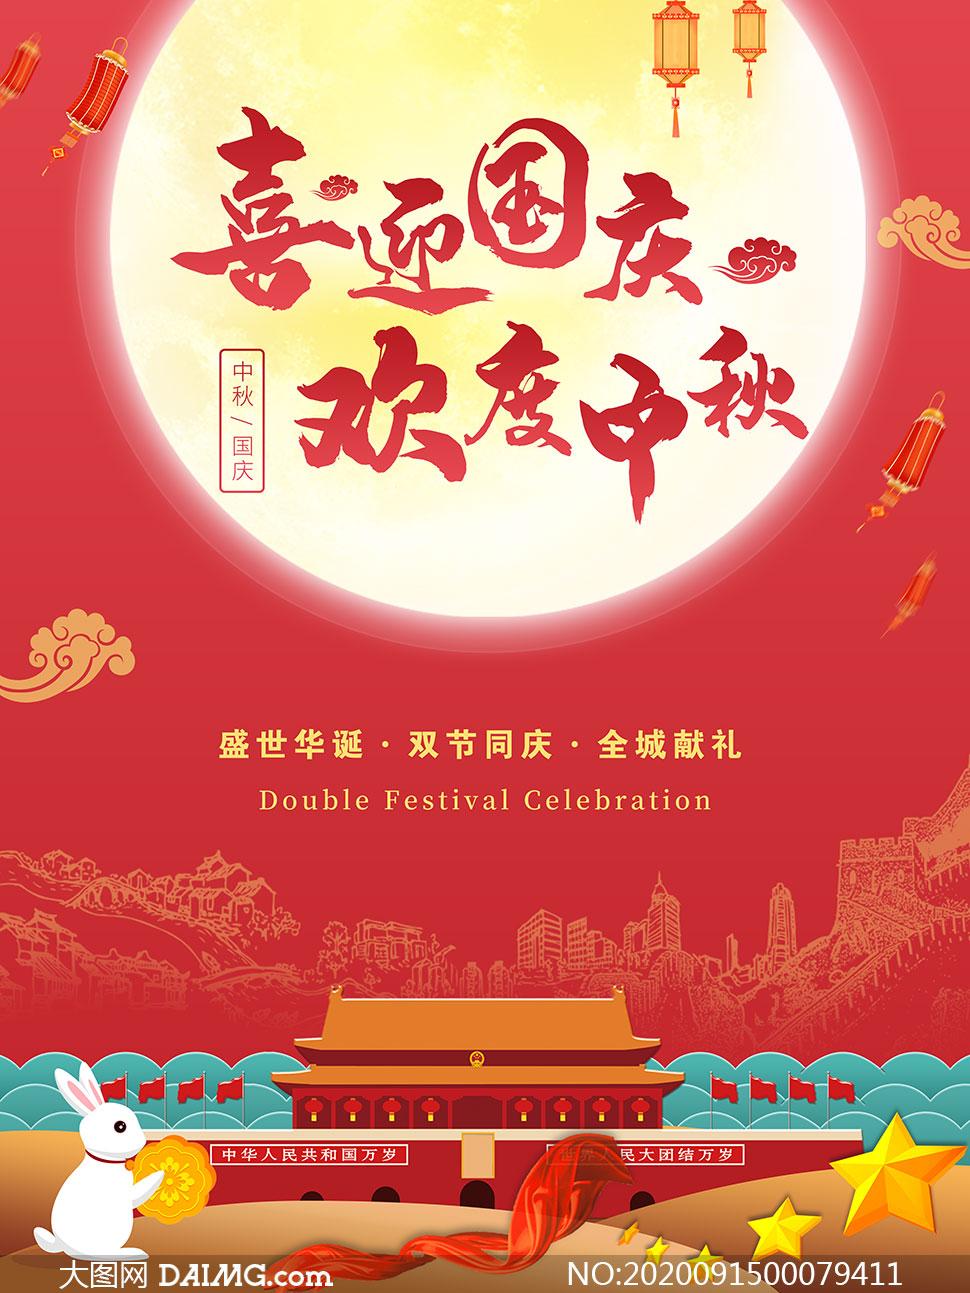 中秋国庆双节同庆活动海报PSD分层素材